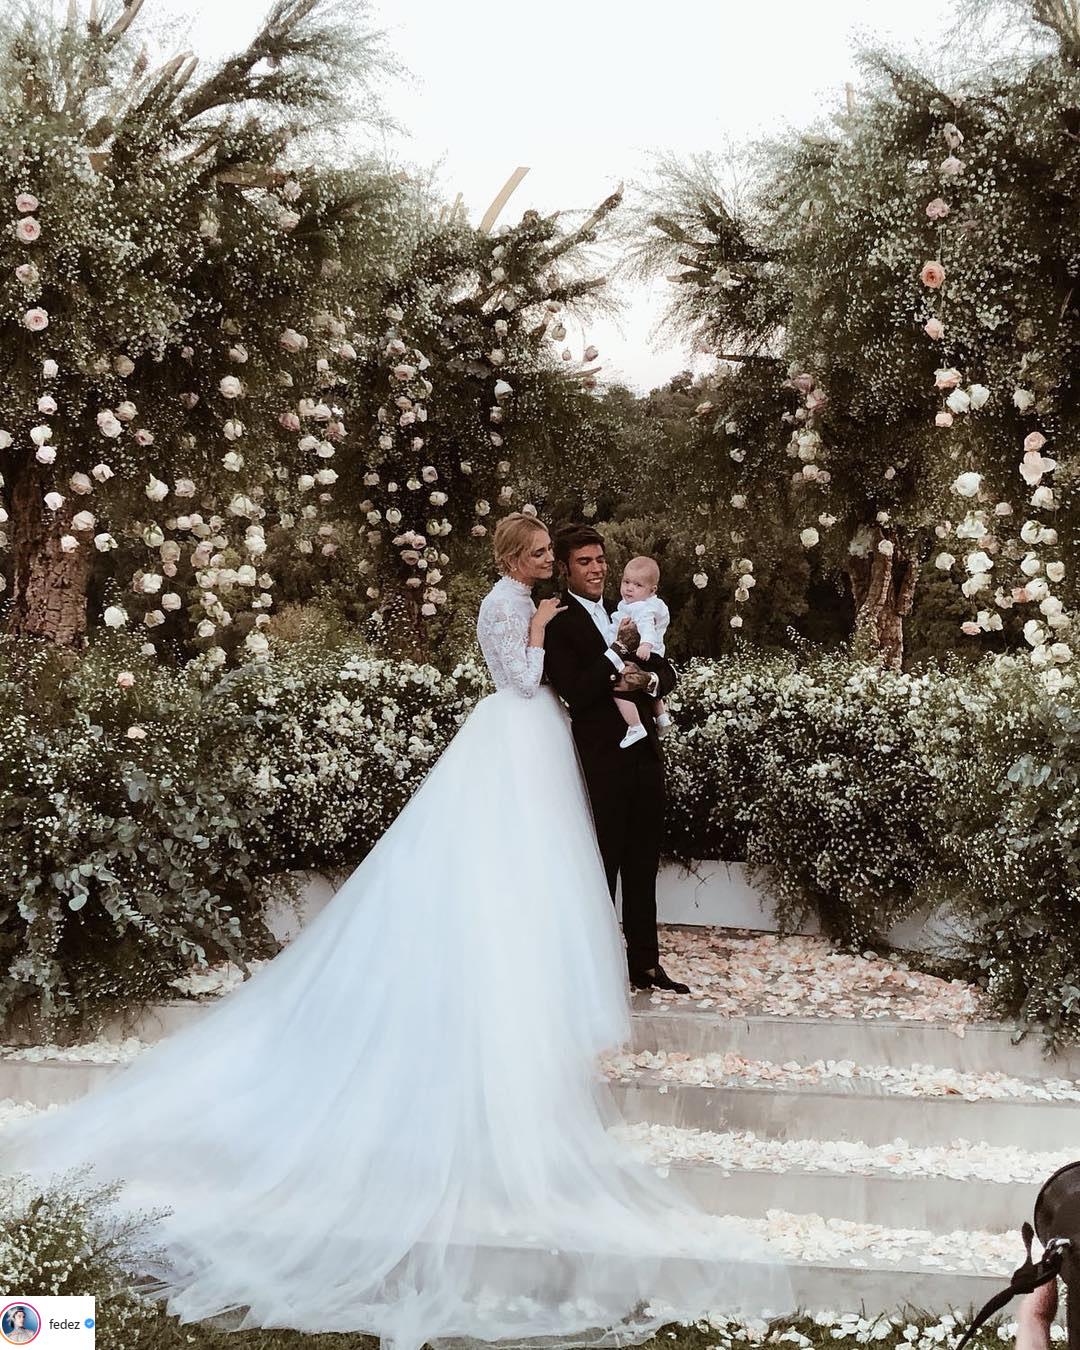 váy cưới đẹp của sao 2018 11